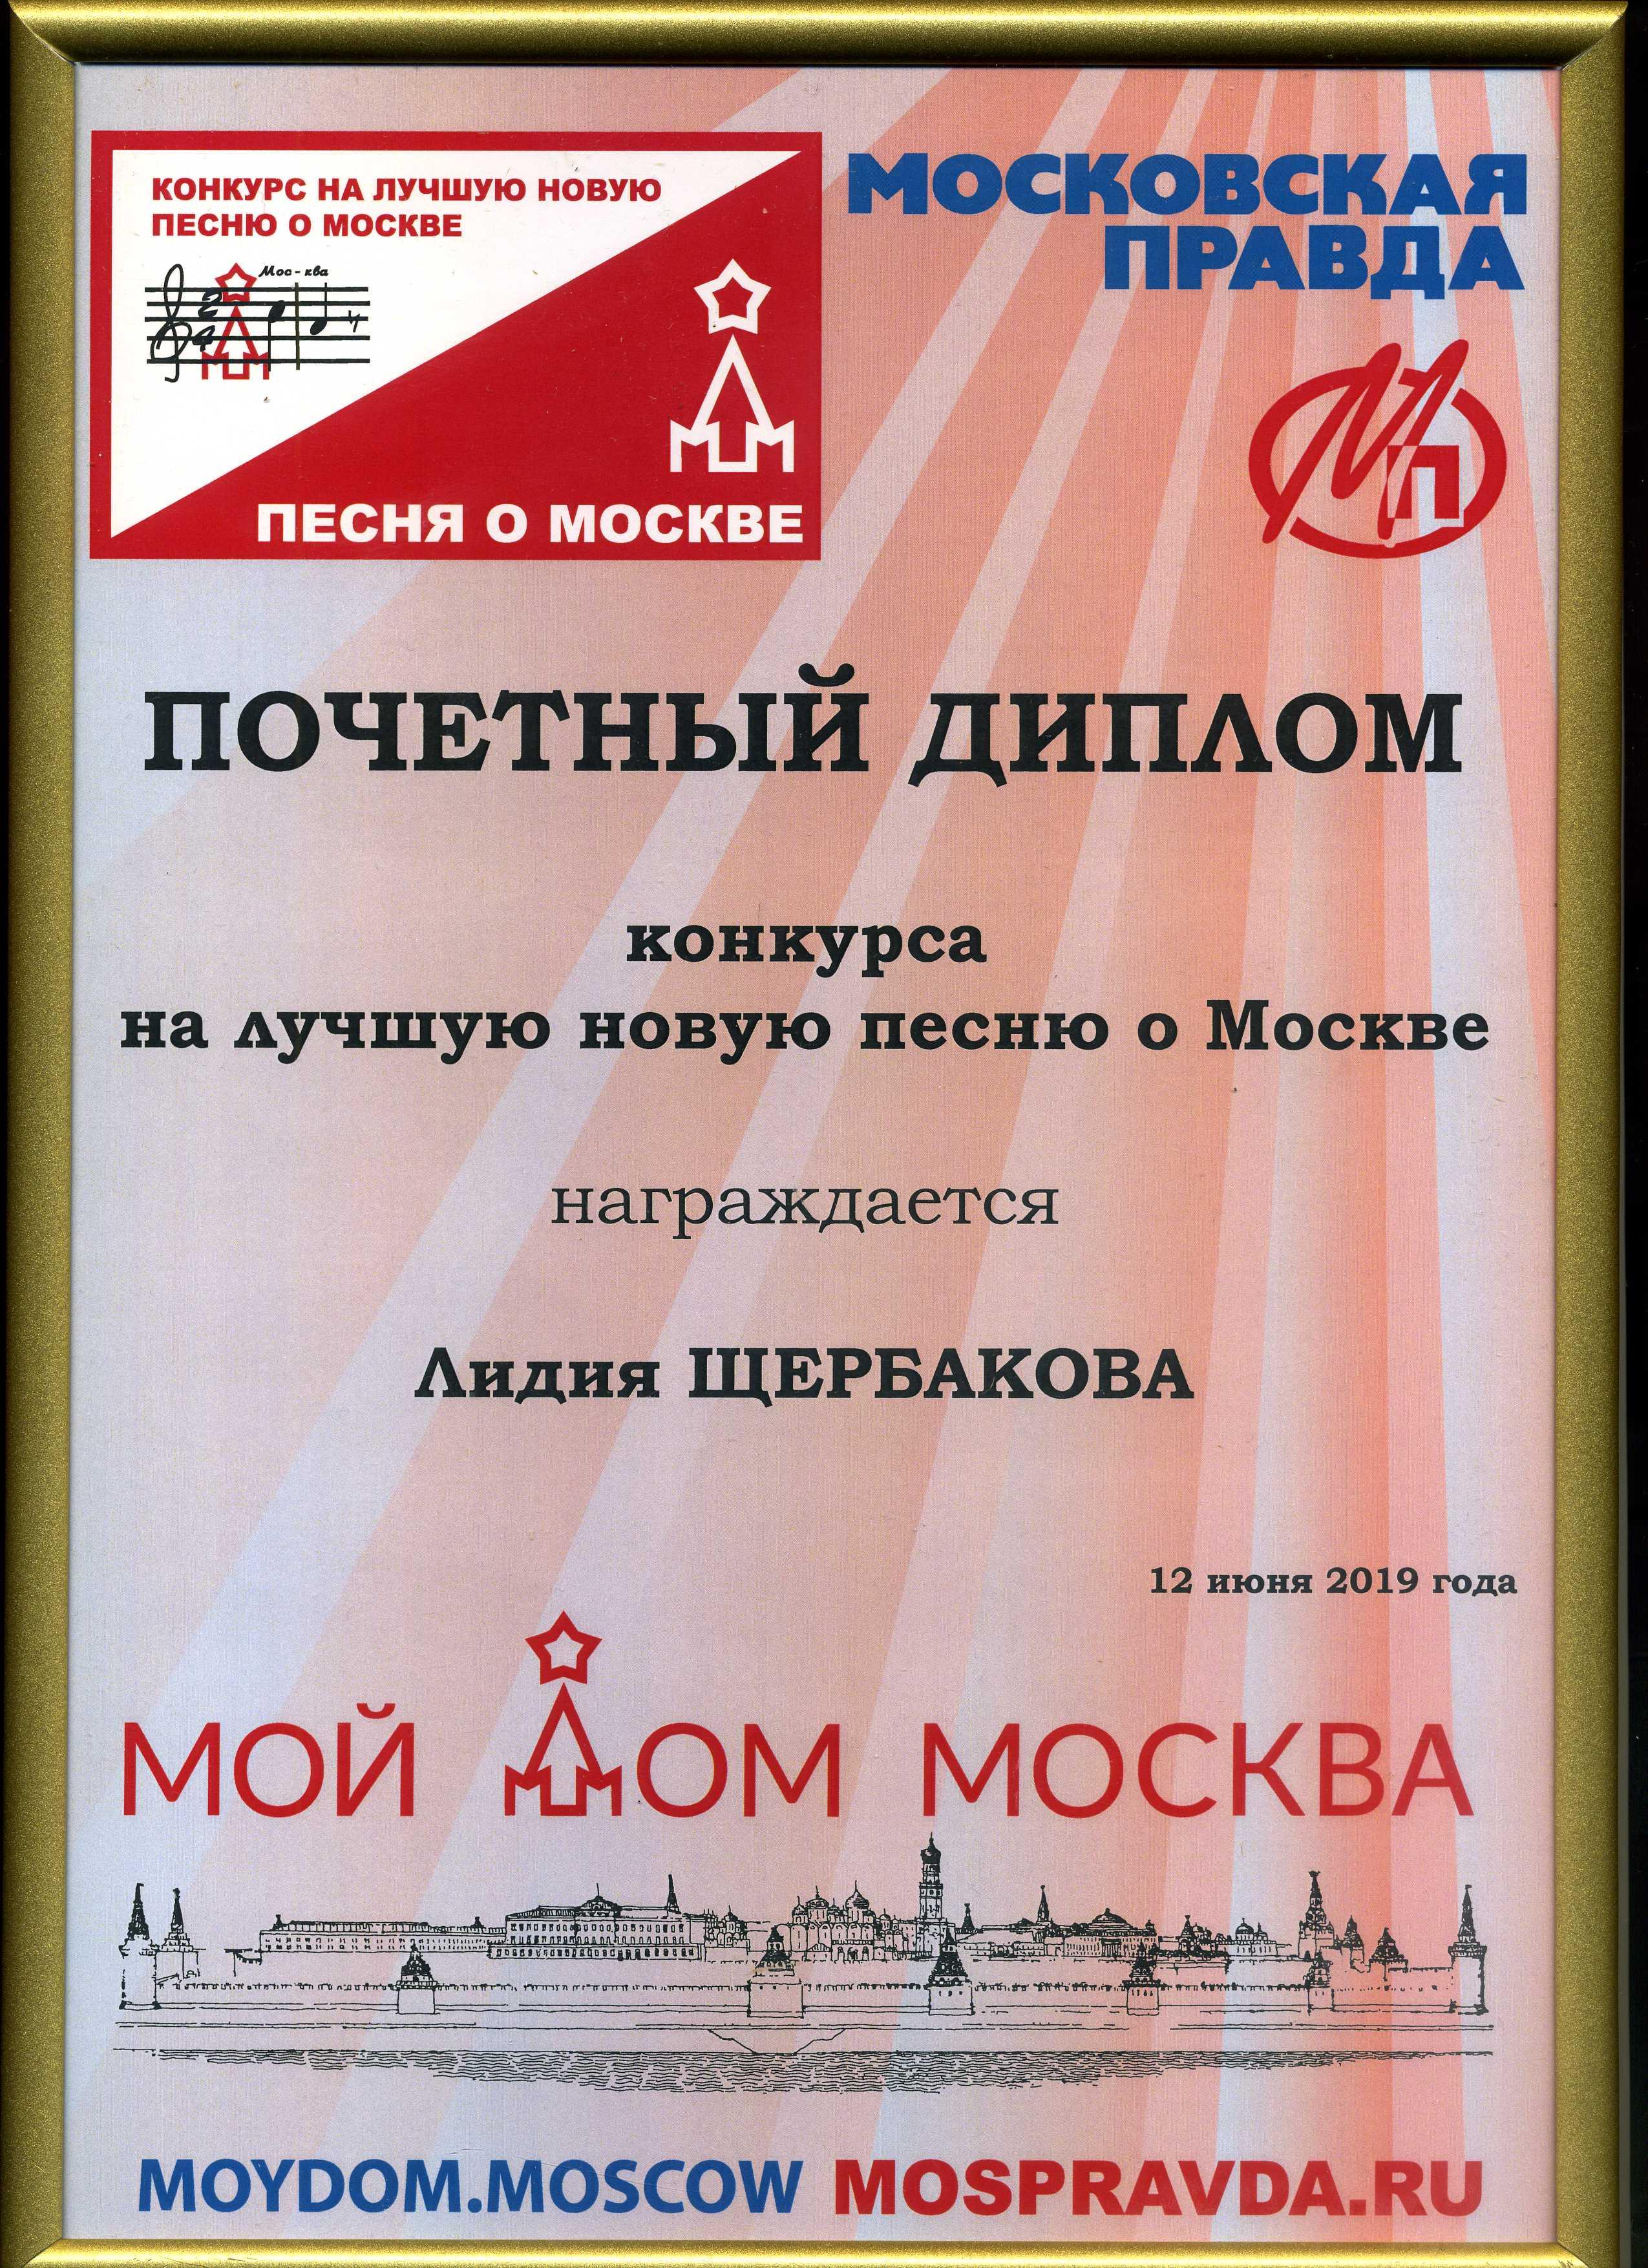 Диплом Моск Правда